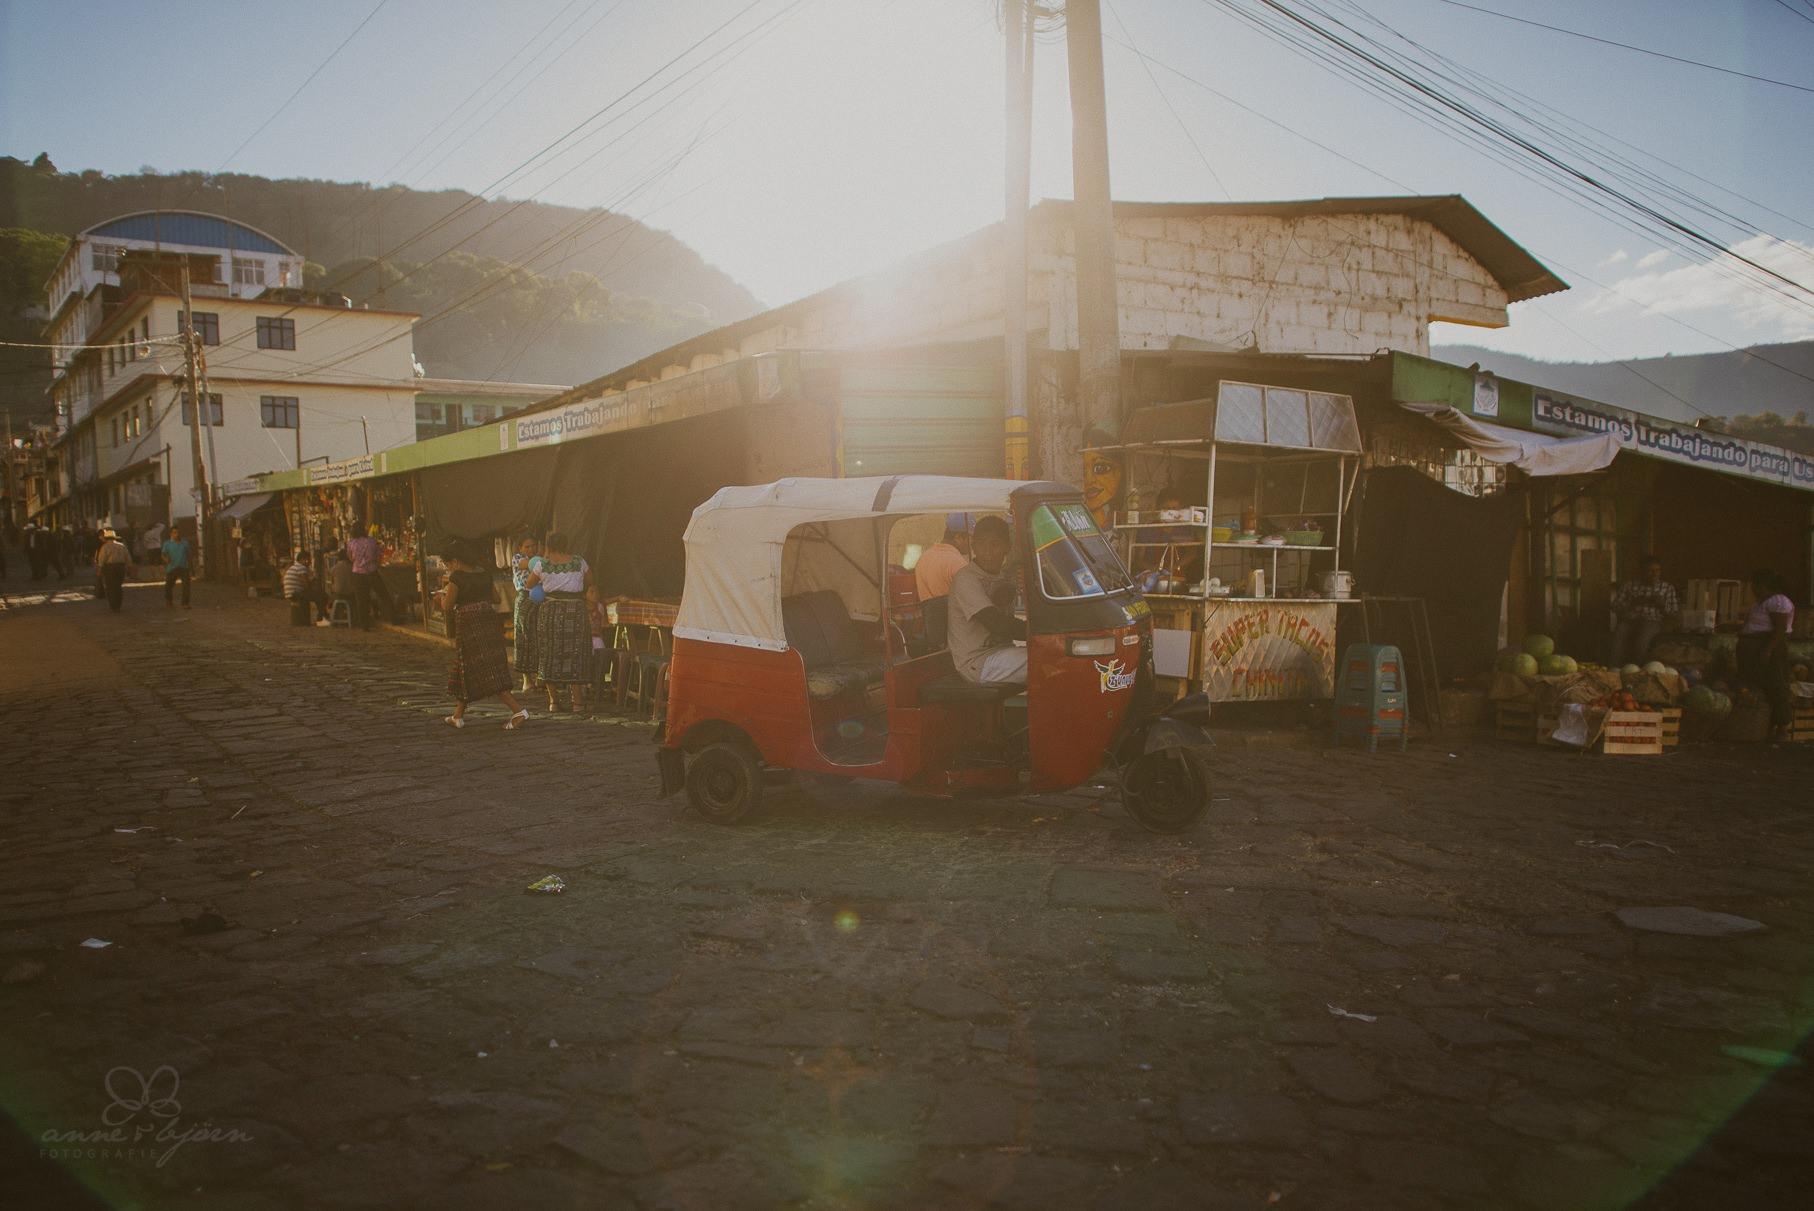 0119 anne und bjoern guatemala d75 2286 - 4 Wochen durch Guatemala - backpacking durch Mittelamerika